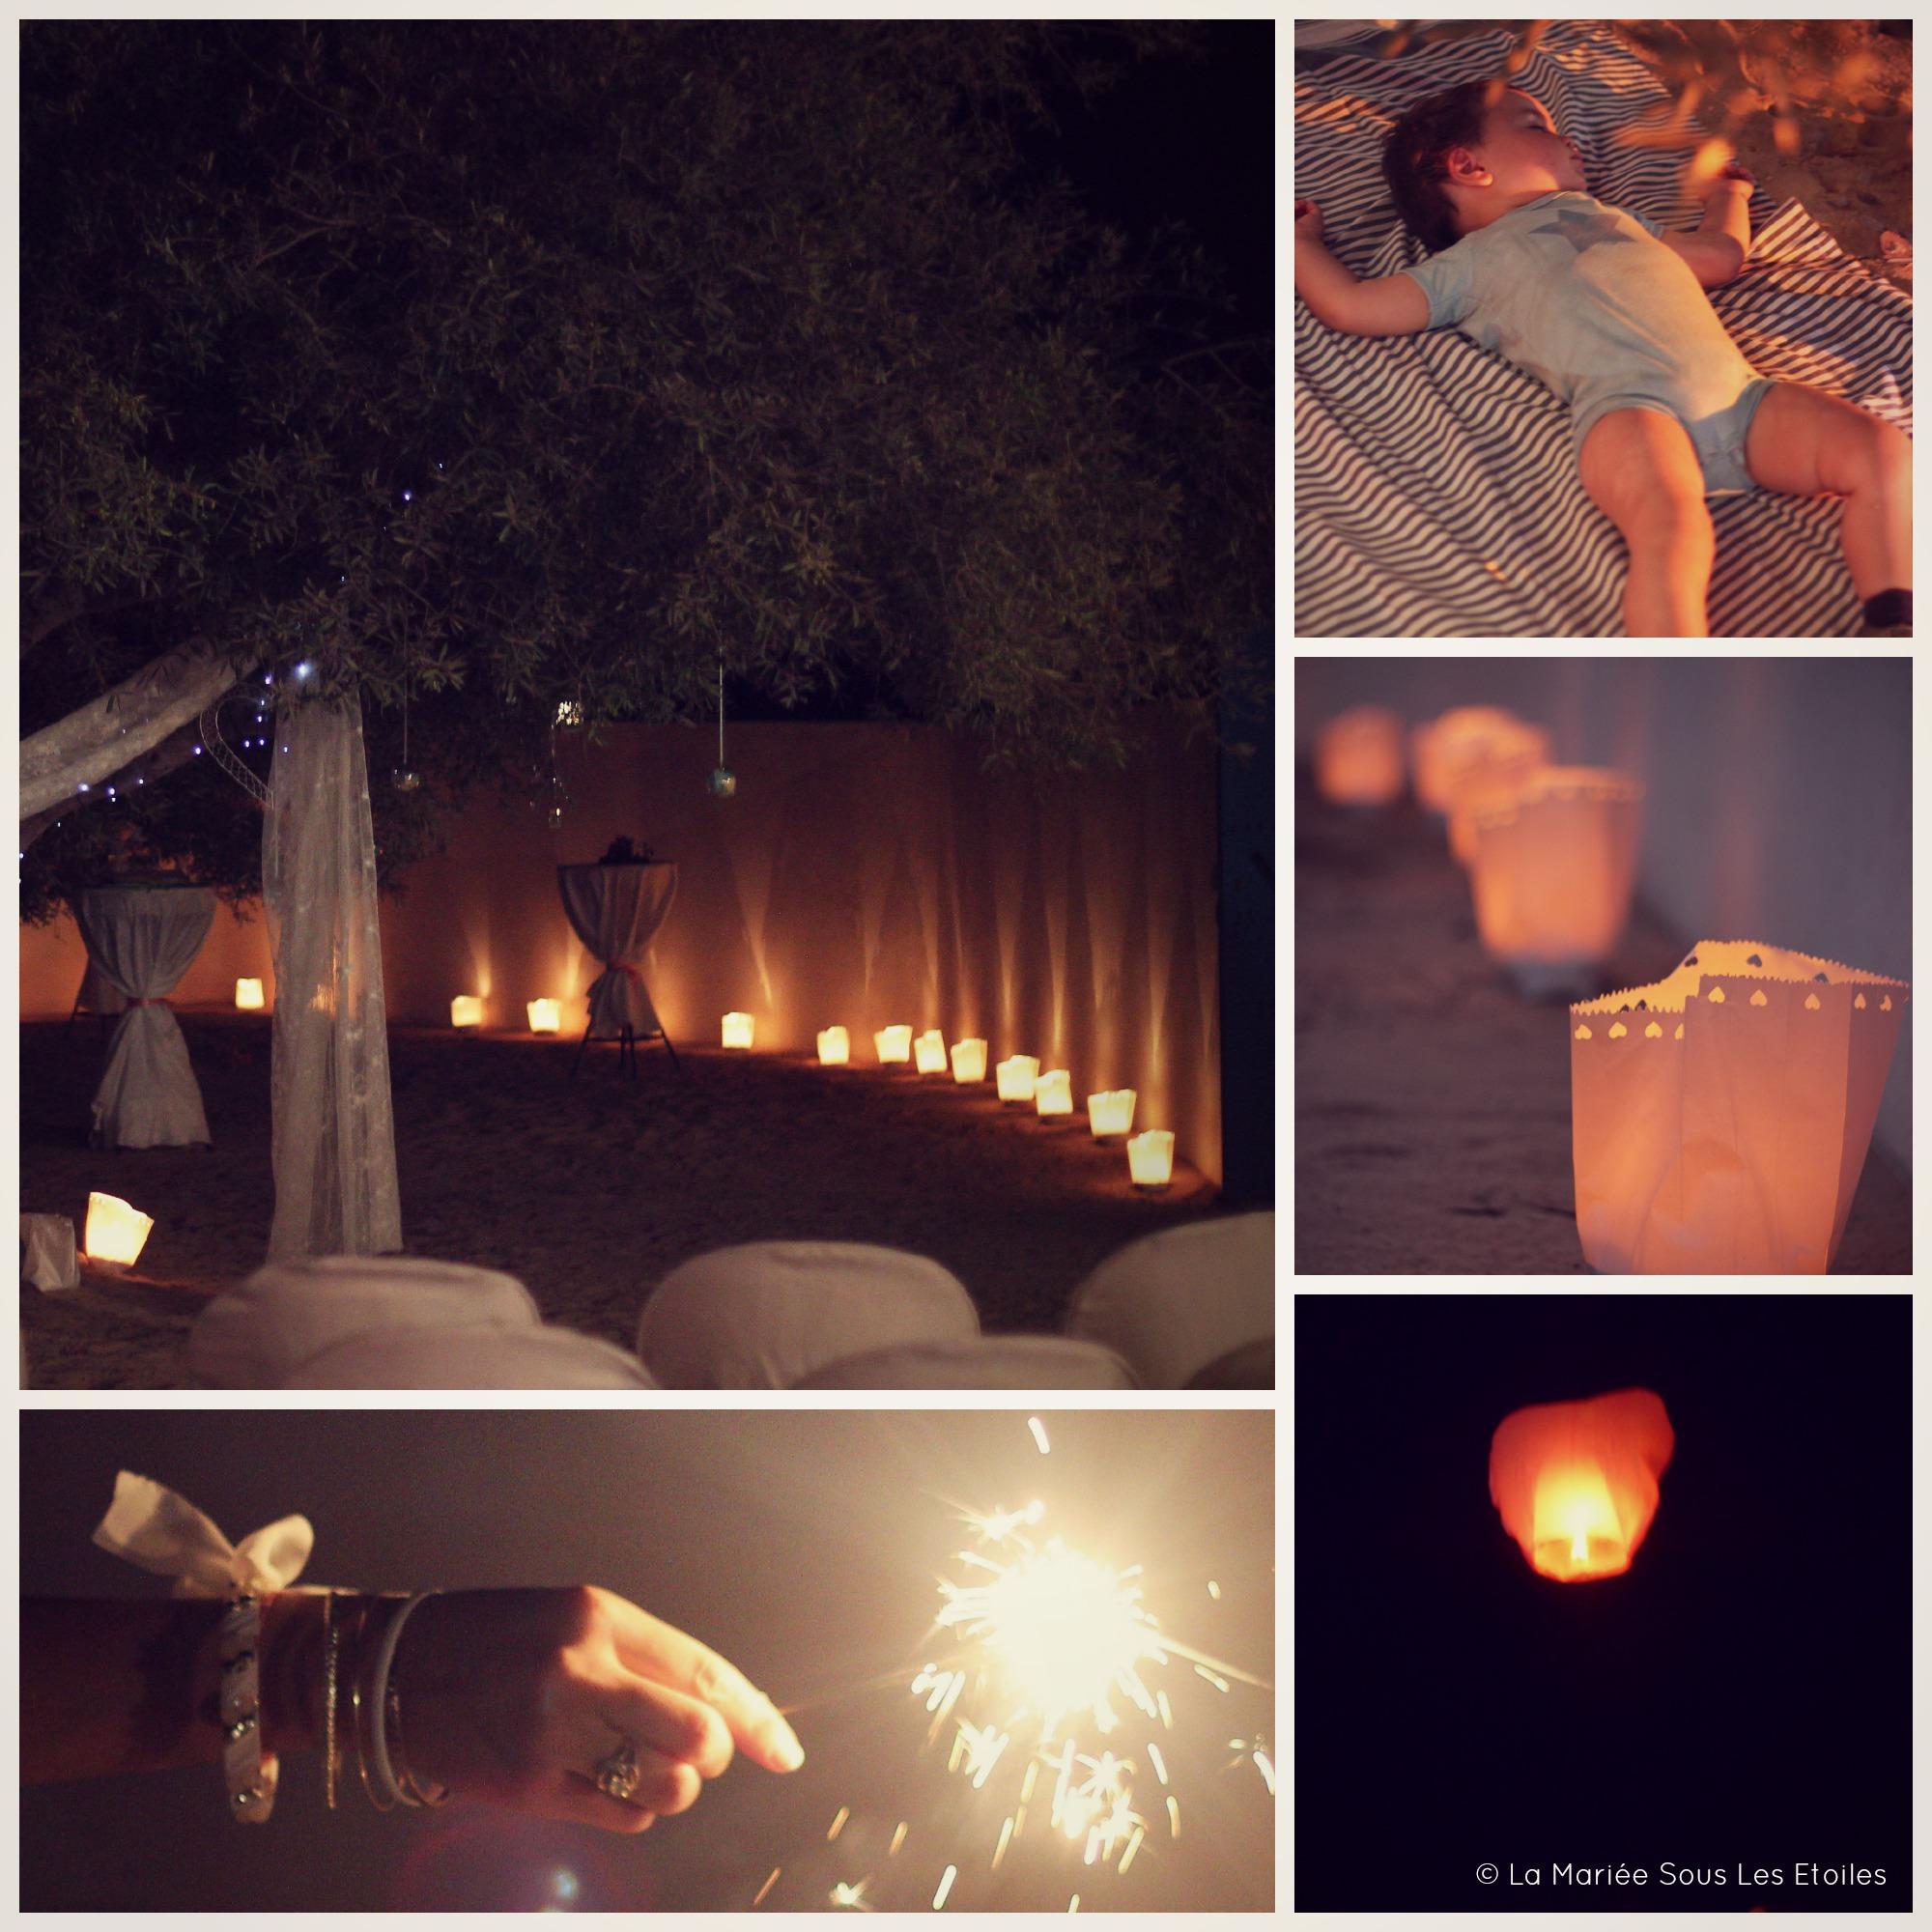 Une jolie cérémonie de mariage sous les oliviers, à la nuit tombée | La Mariée Sous Les Etoiles